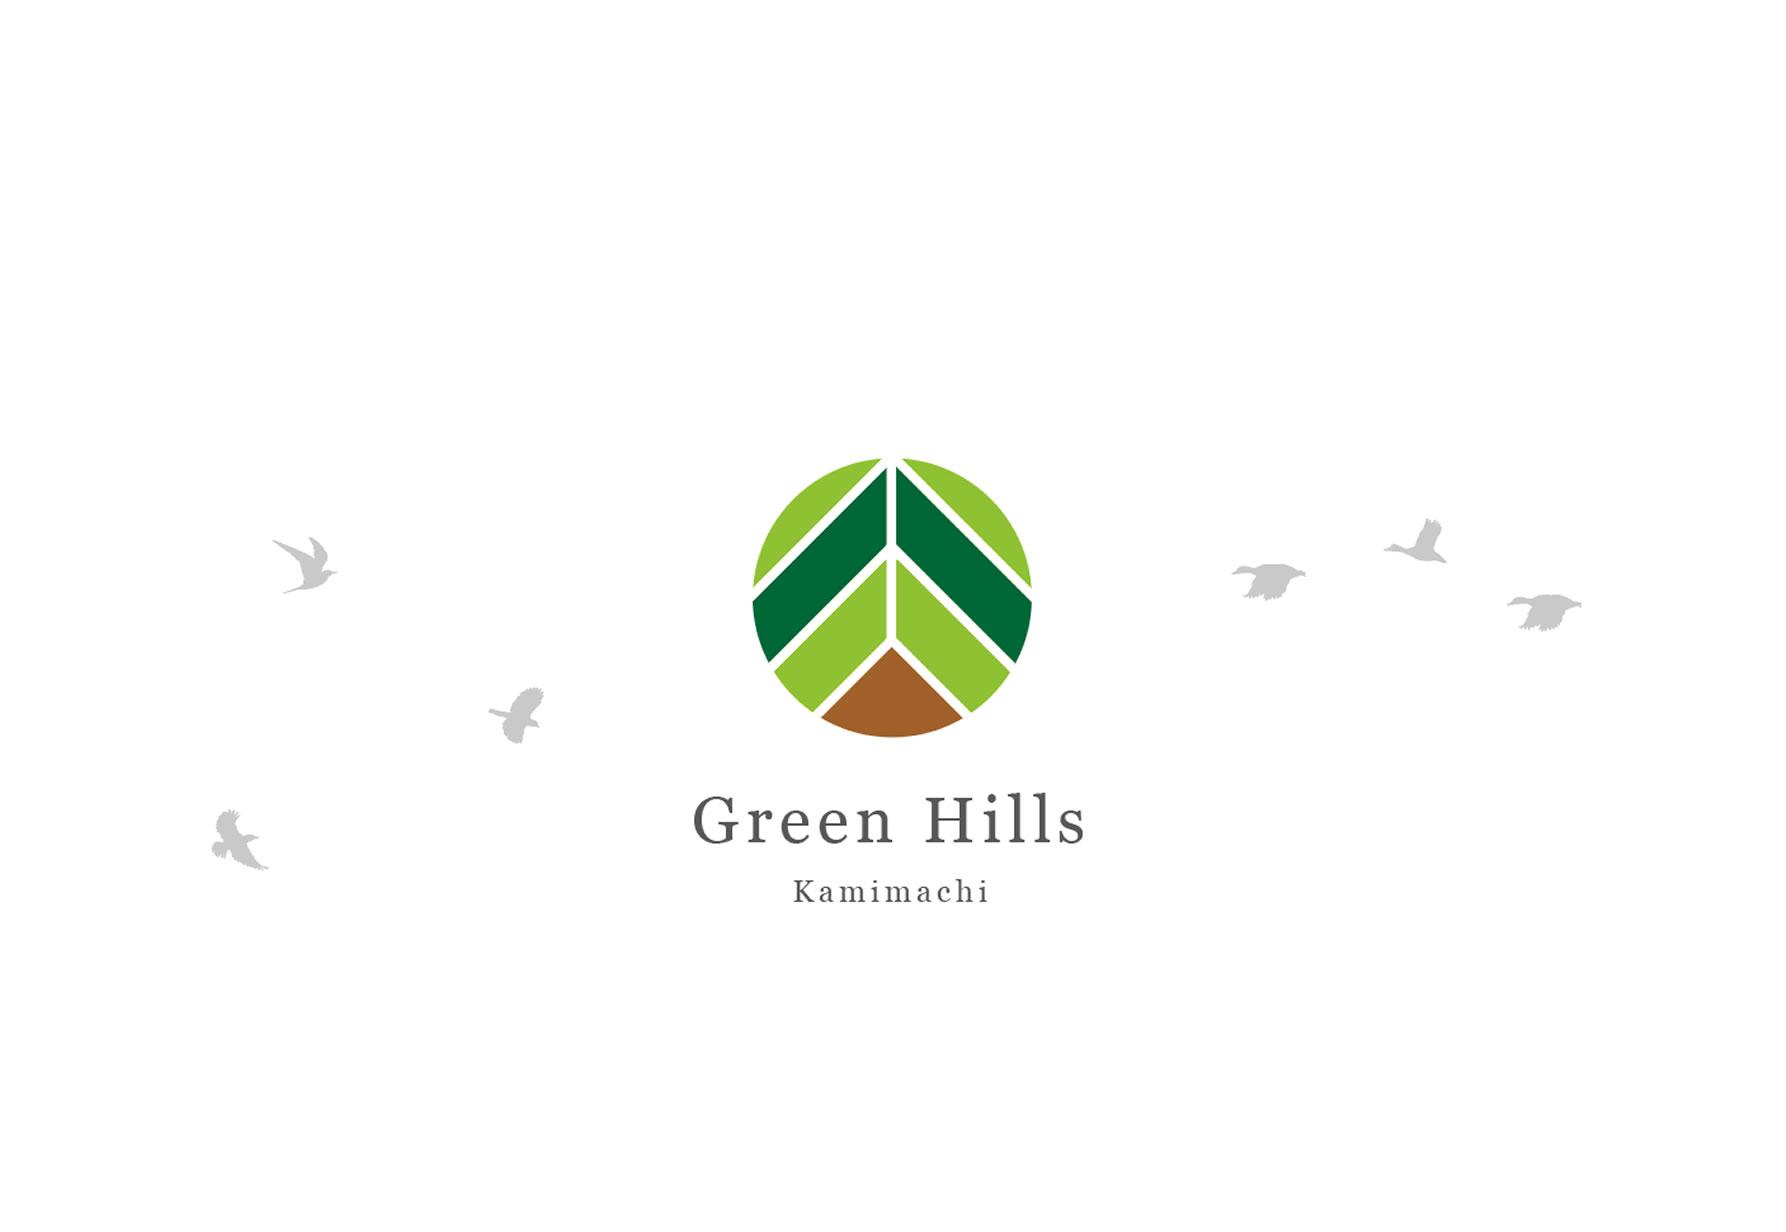 Green Hills Kamimachiの分譲地は全てご成約済みとなりました。